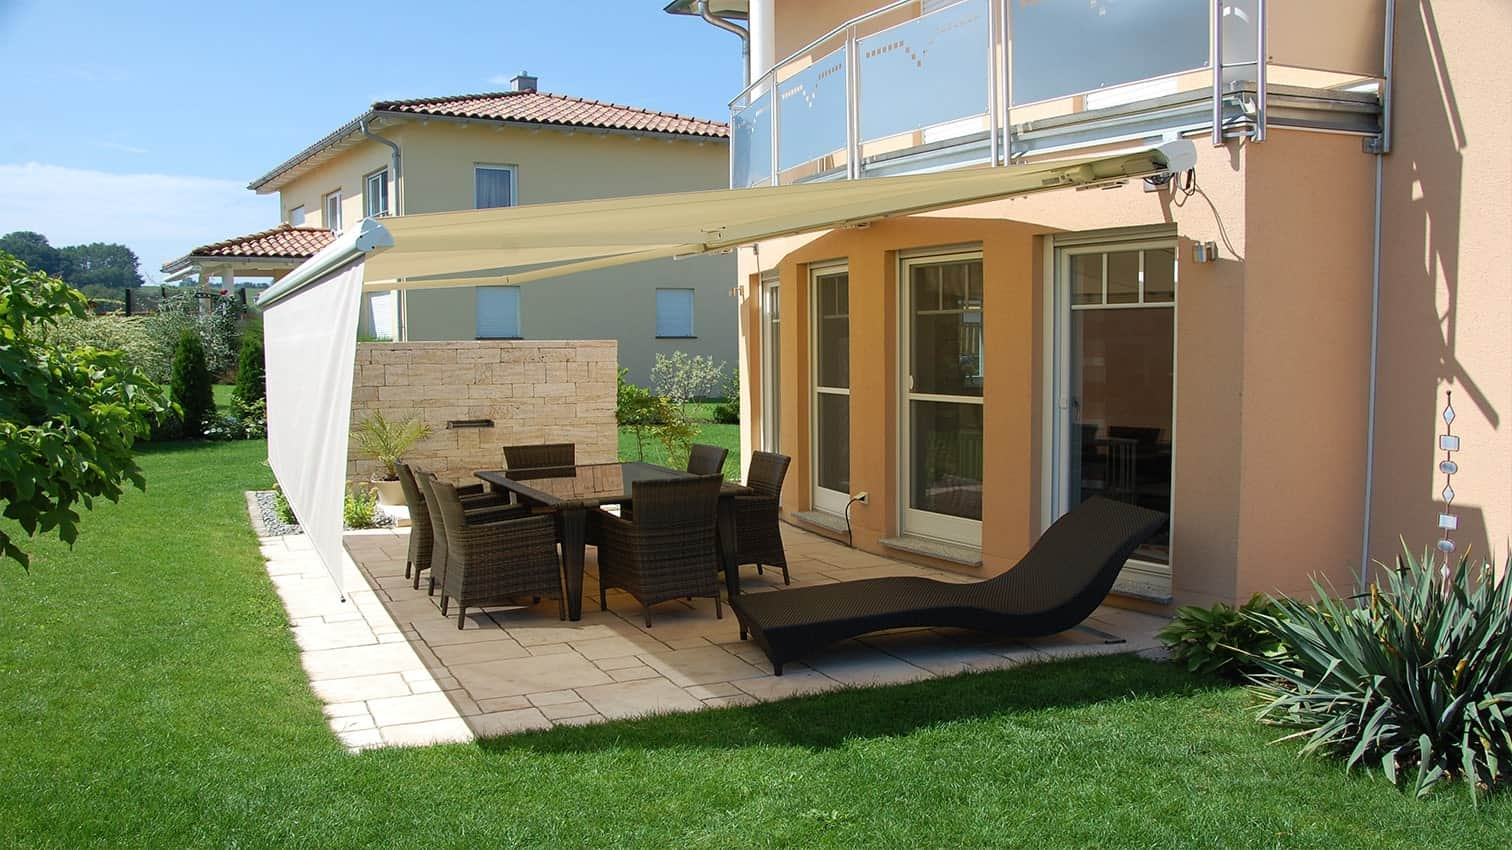 Markise perfekt an Ihre Immobilie angepasst